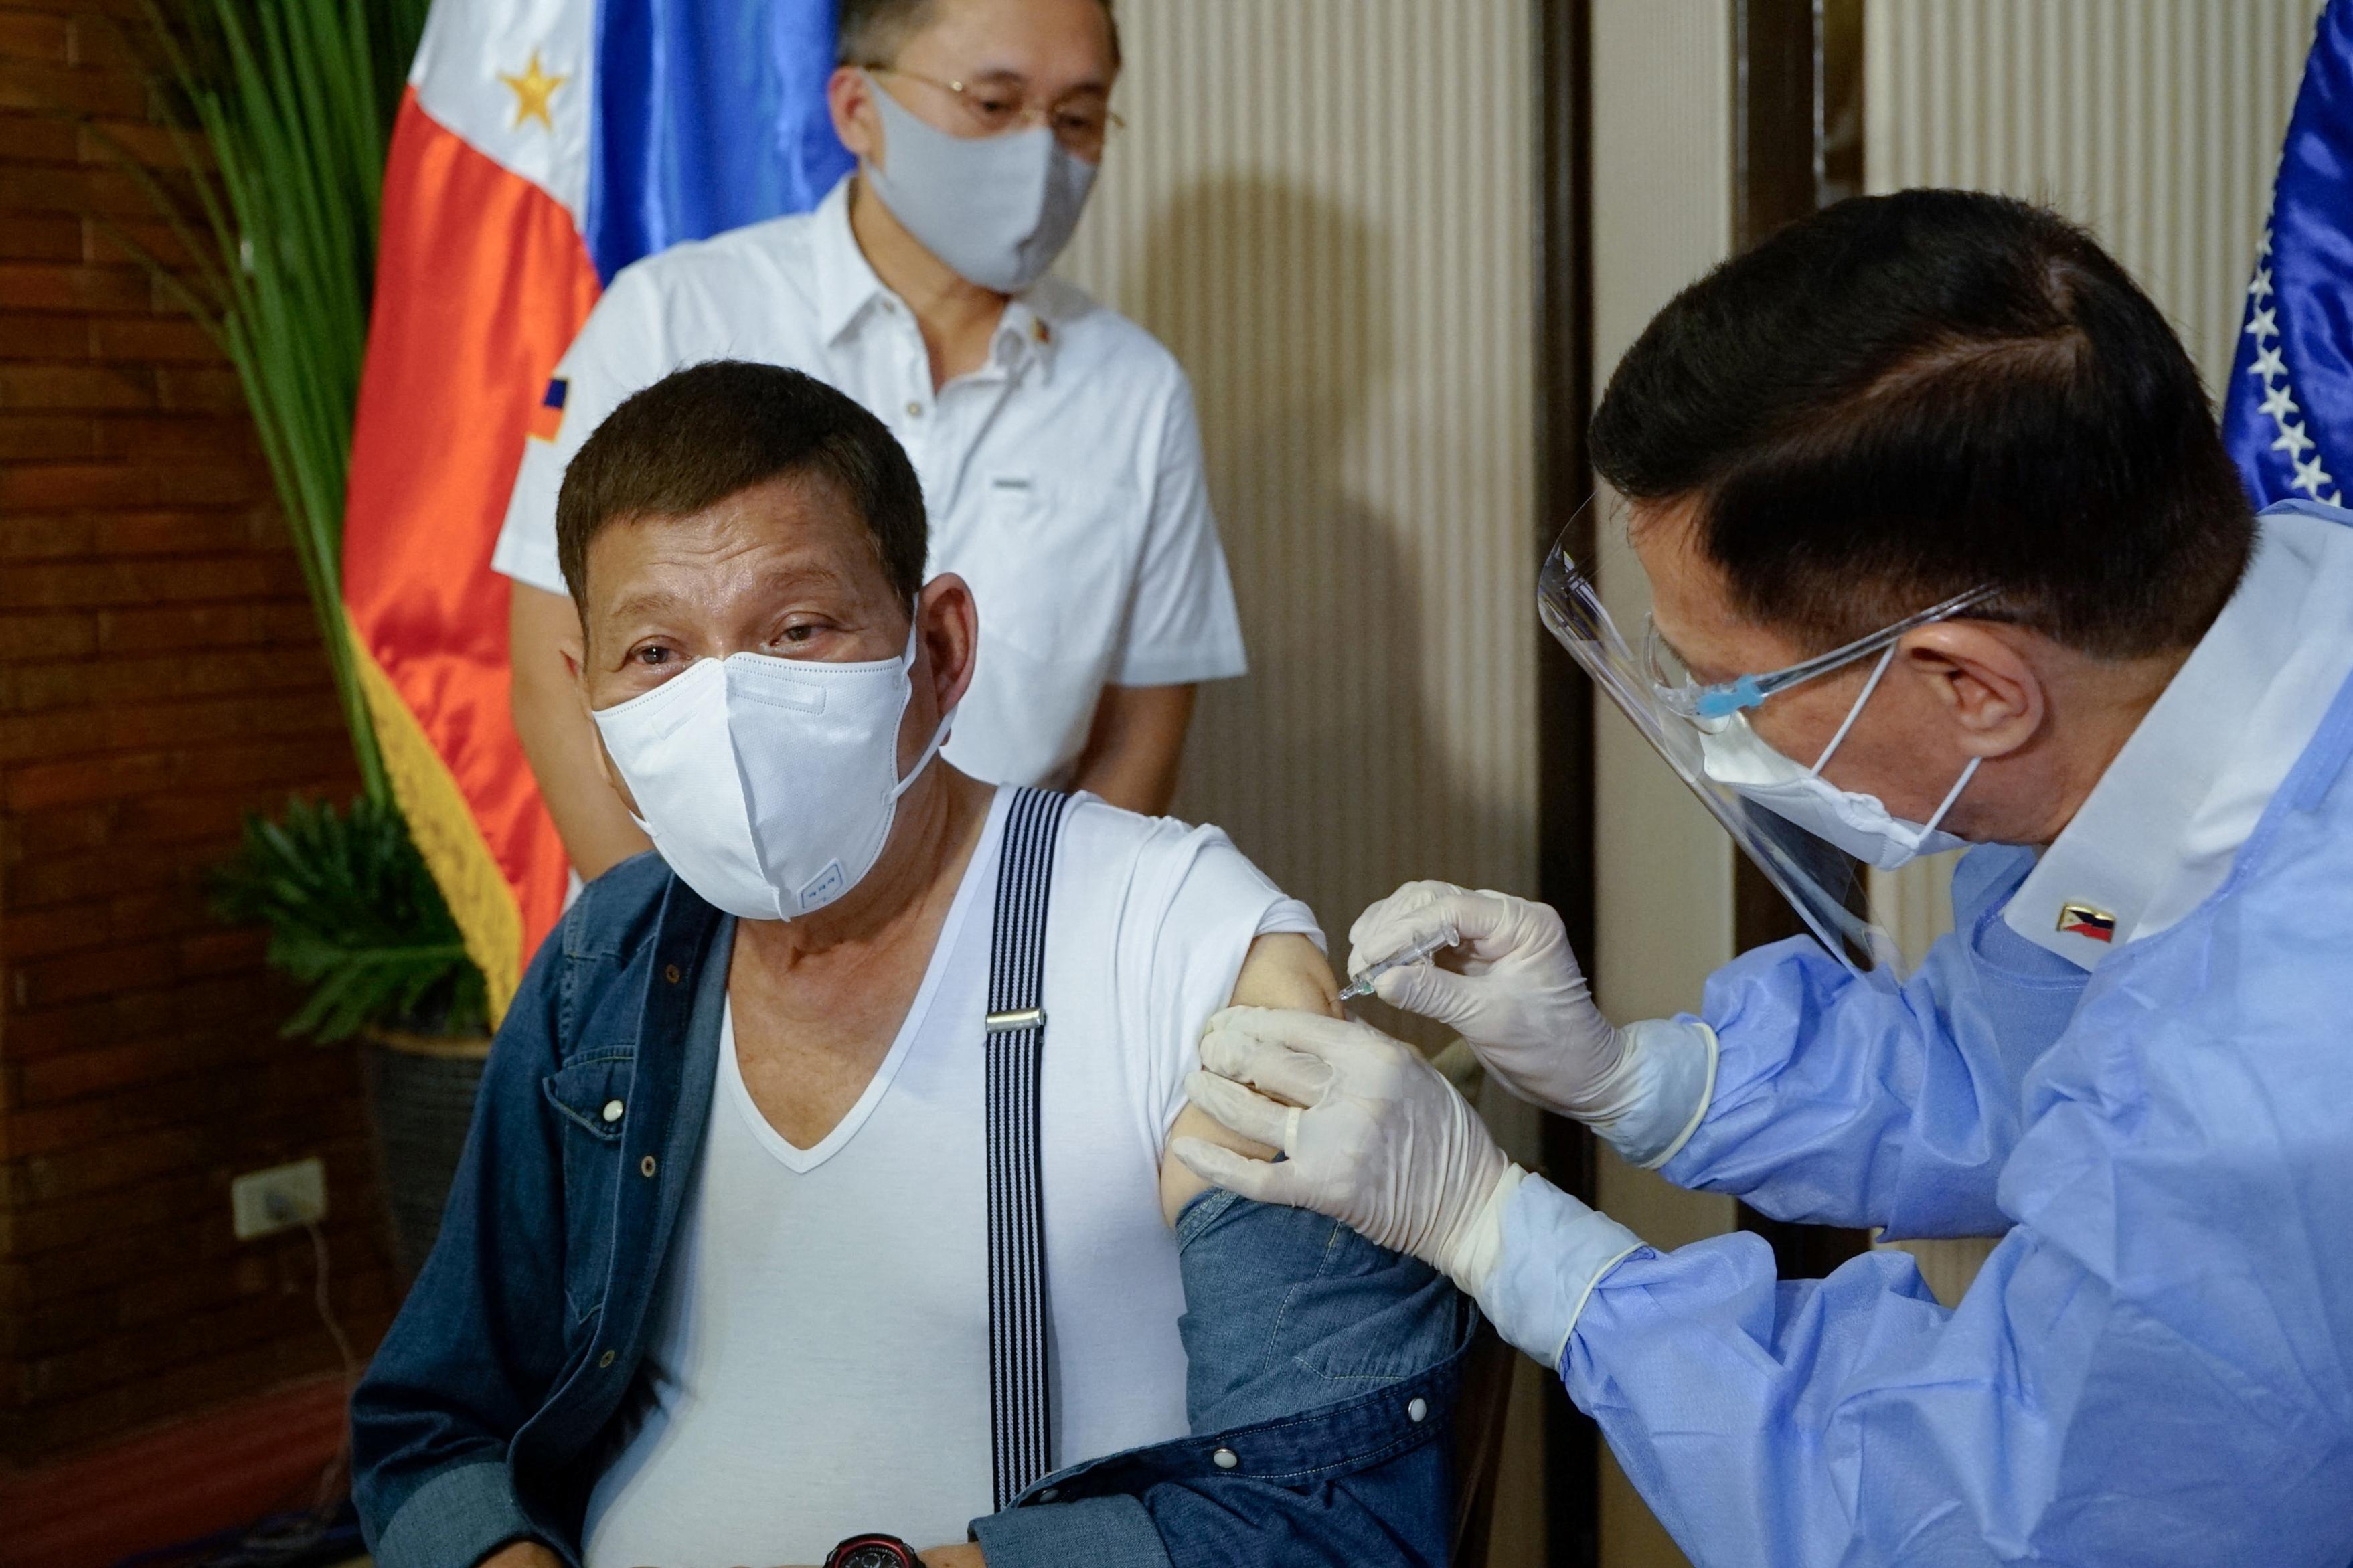 Duterte bocsánatot kér a kínai vakcina miatt